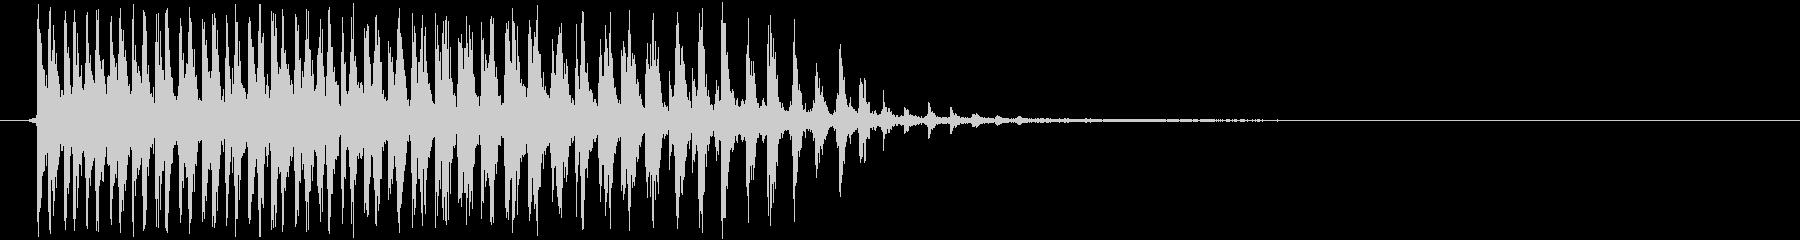 カー(ビブラスラップ、生音)の未再生の波形